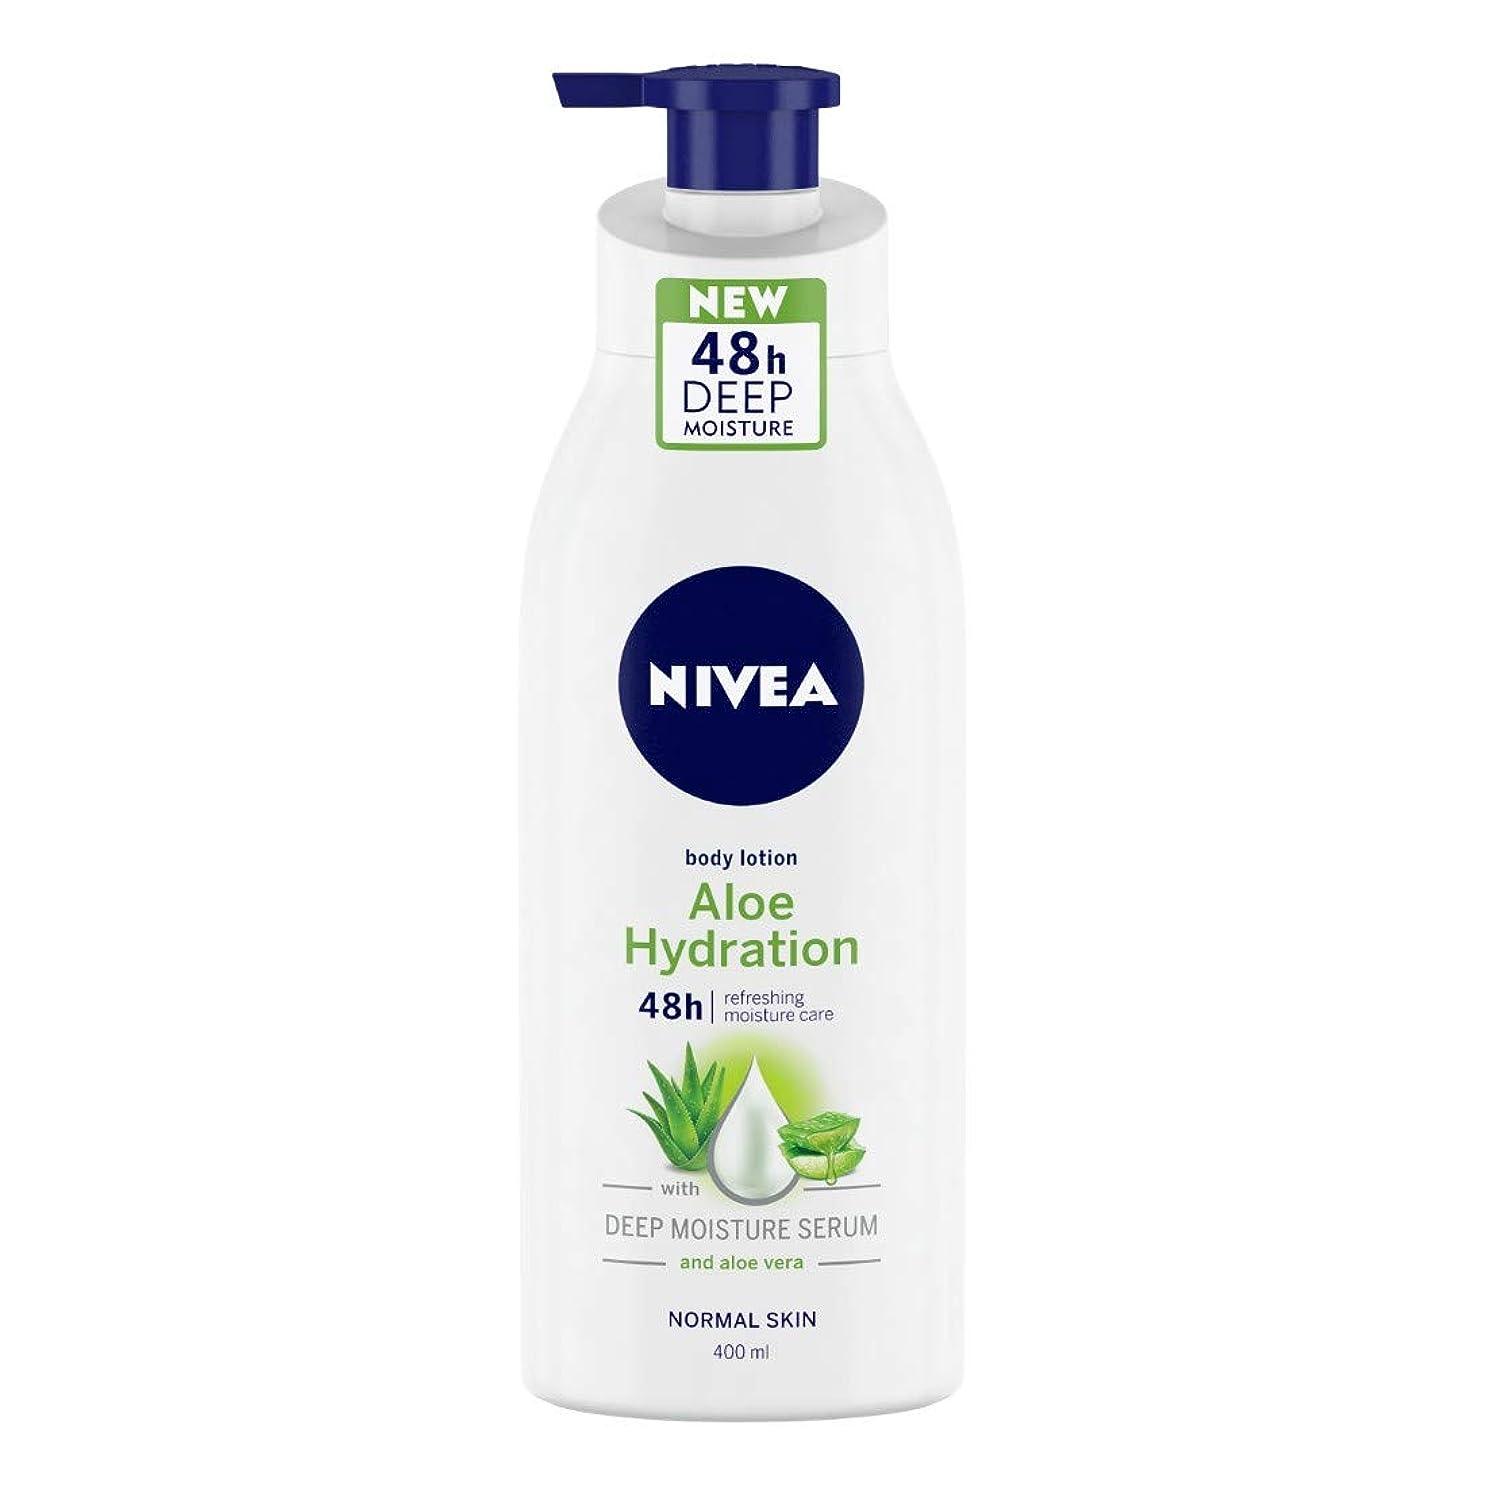 淡い娘アンティークNIVEA Aloe Hydration Body Lotion, 400ml, with deep moisture serum and aloe vera for normal skin